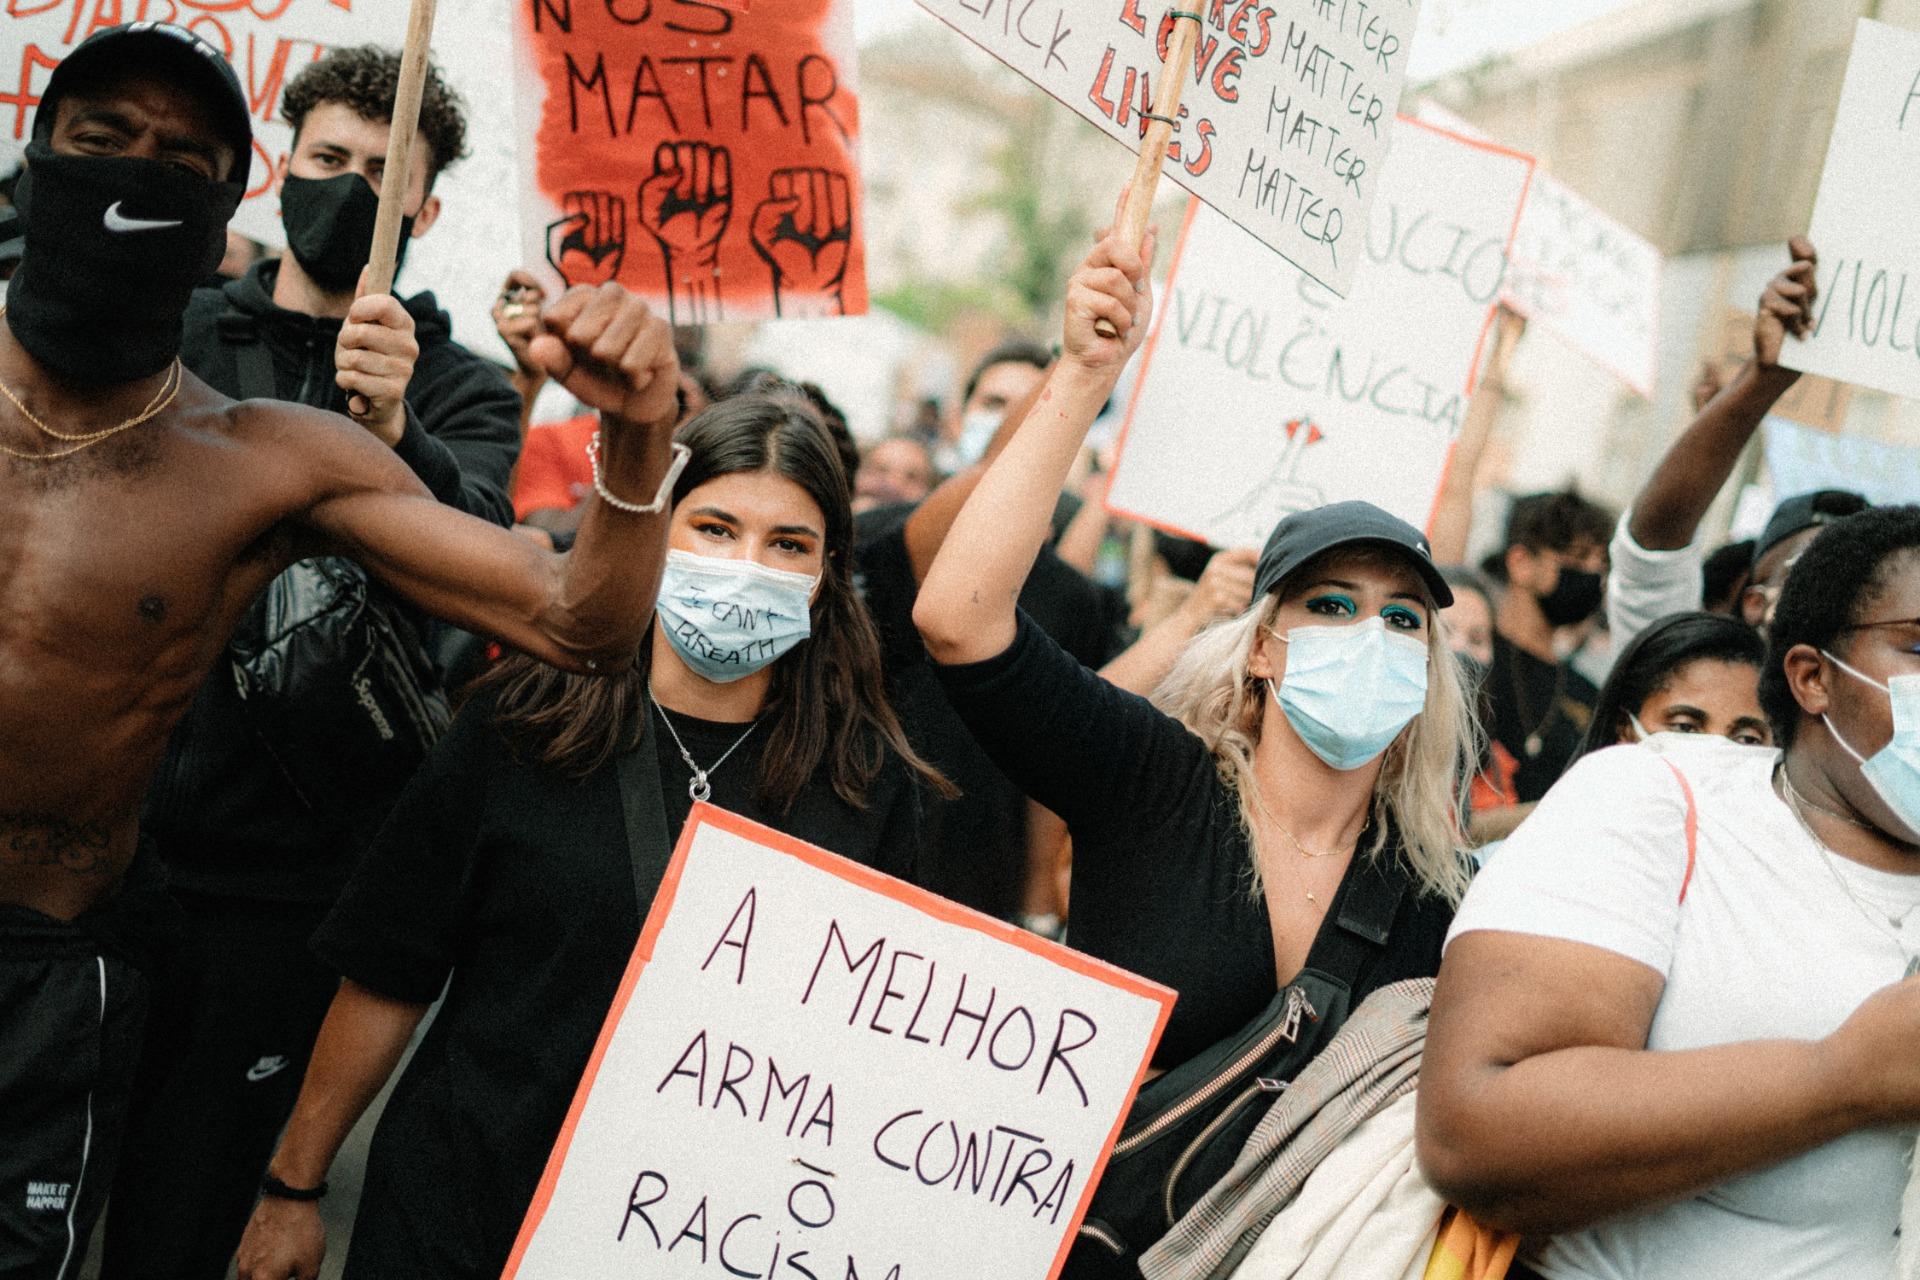 Manifestação Anti-Racista em Lisboa, 6 de junho. Foto de Manuel Casanova.